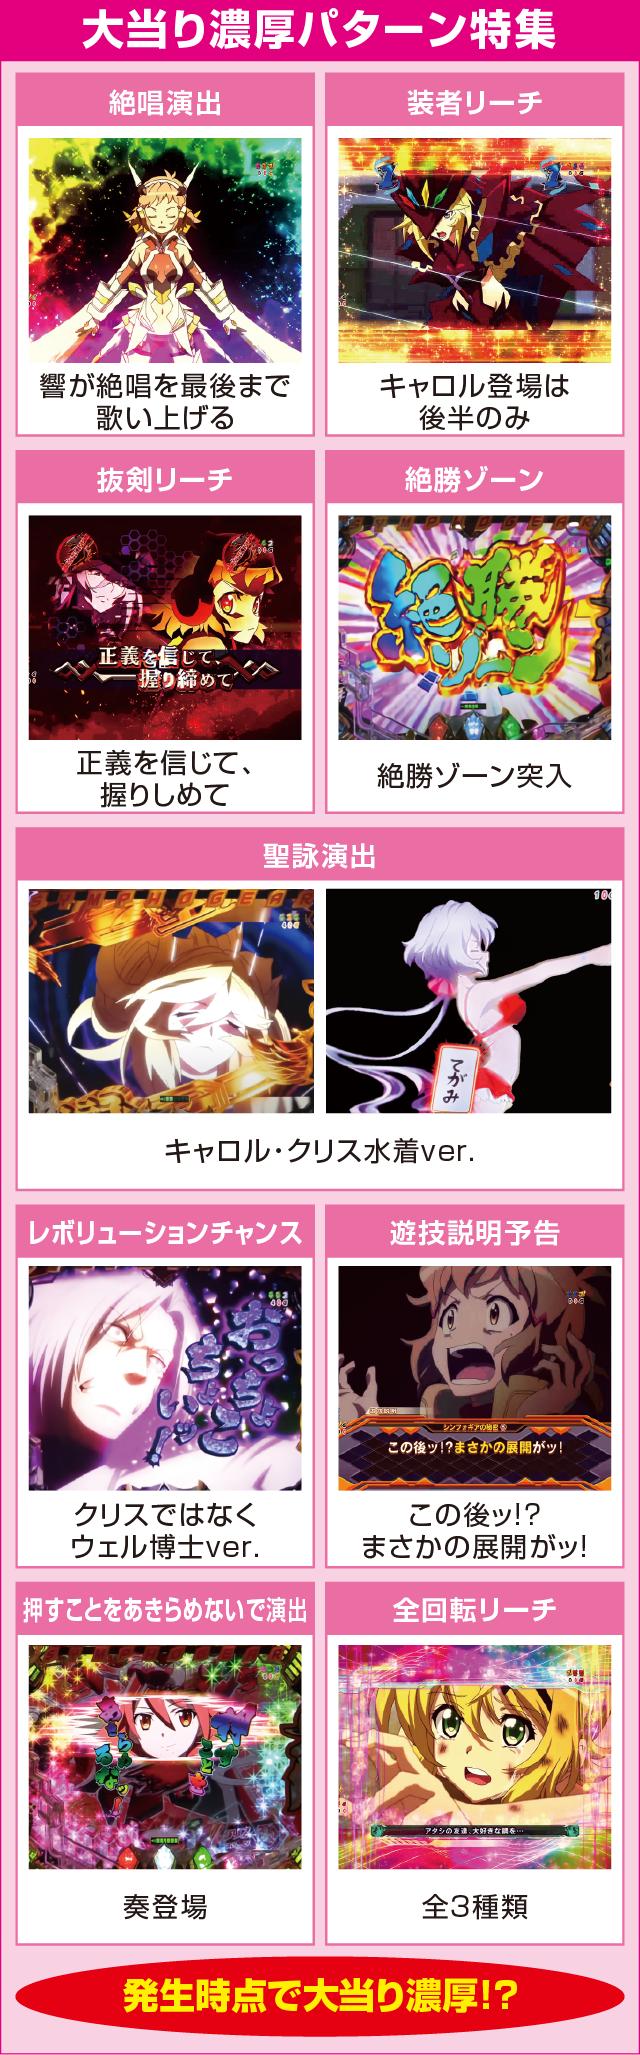 Pフィーバー戦姫絶唱シンフォギア2のピックアップポイント